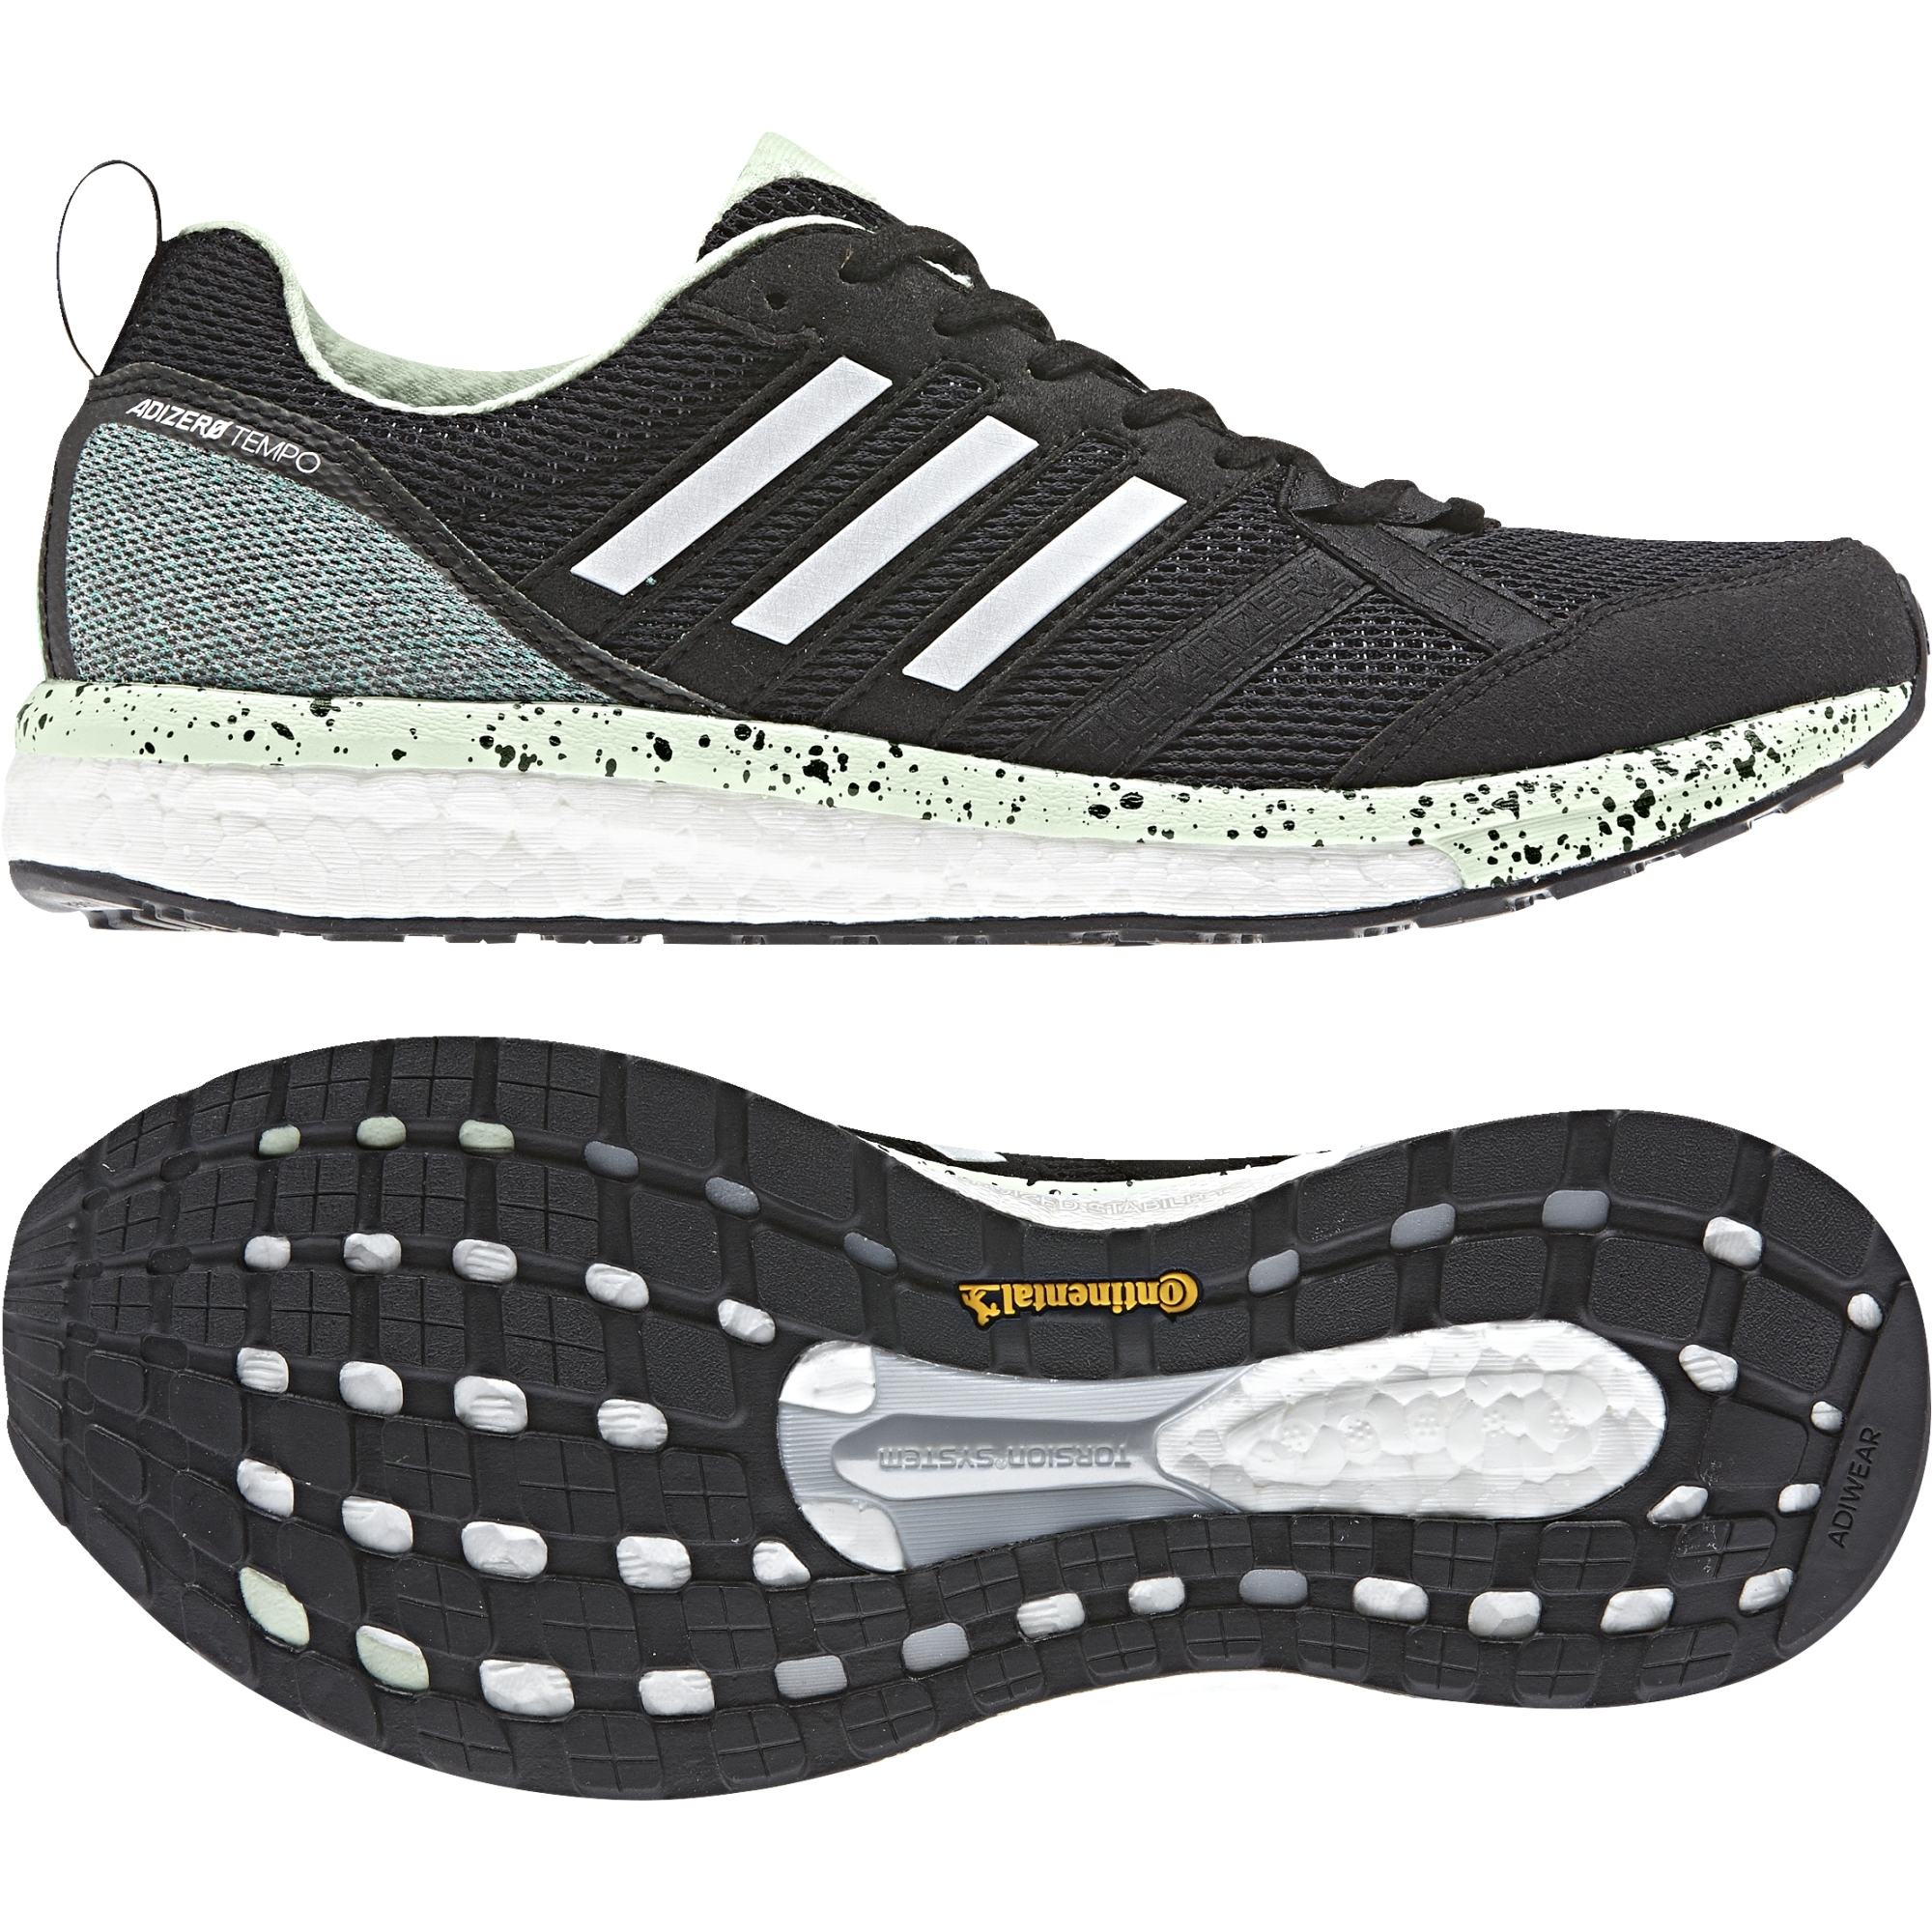 Chaussures femme adidas adizero Tempo 9